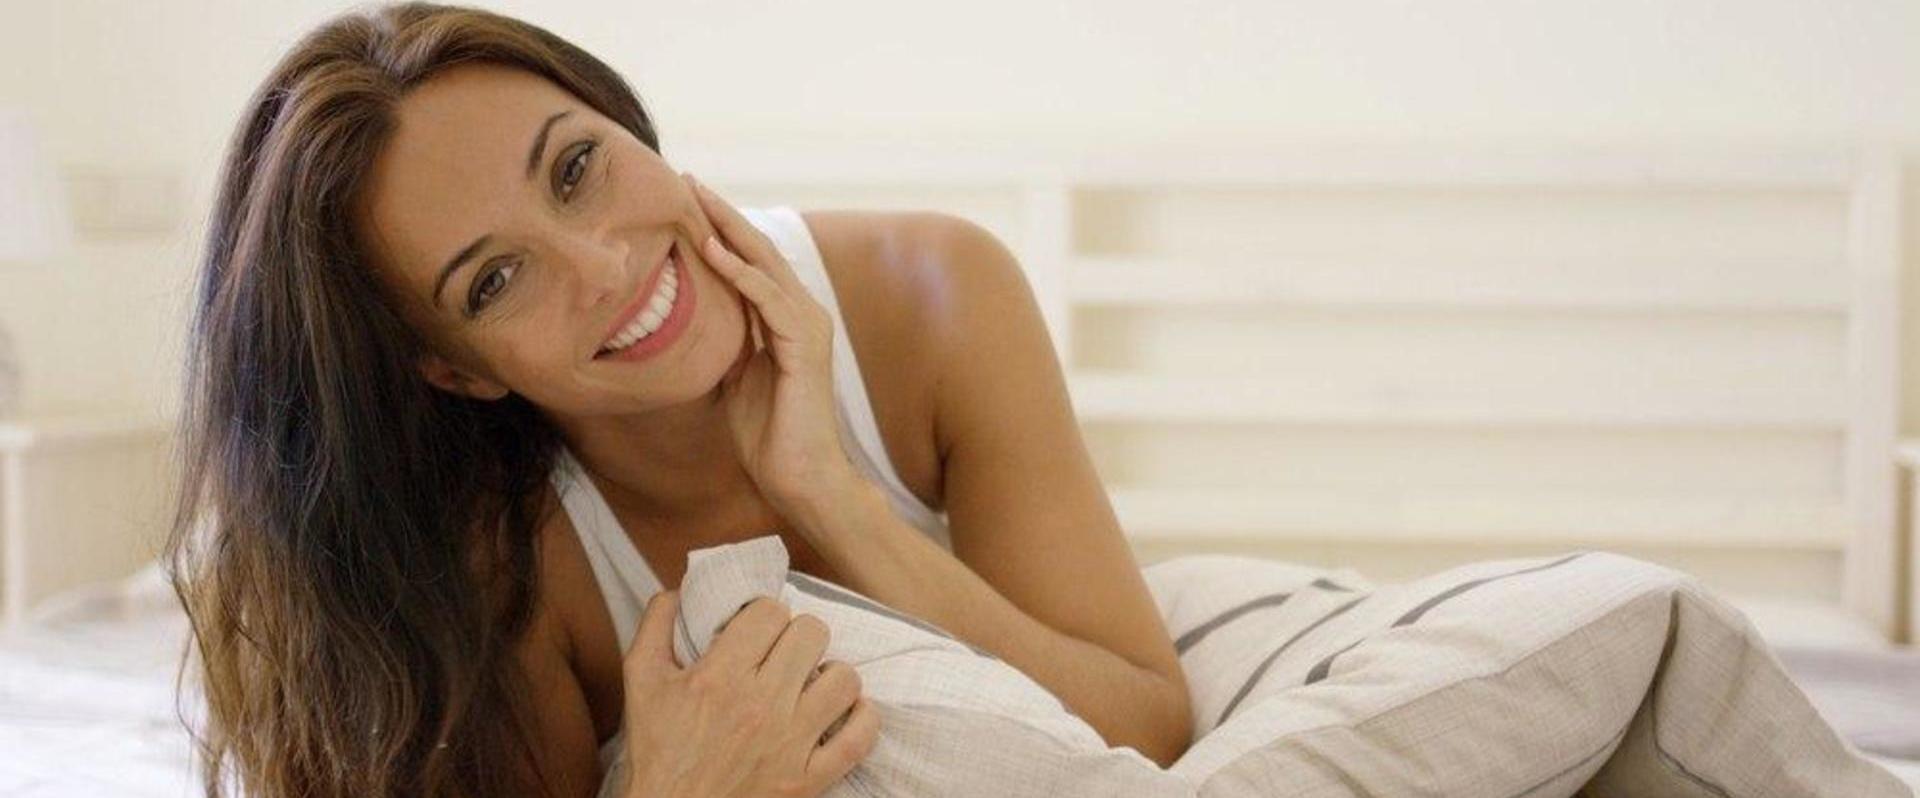 Пять важных изменений в женском организме после 40 — как их принять и что нужно делать?